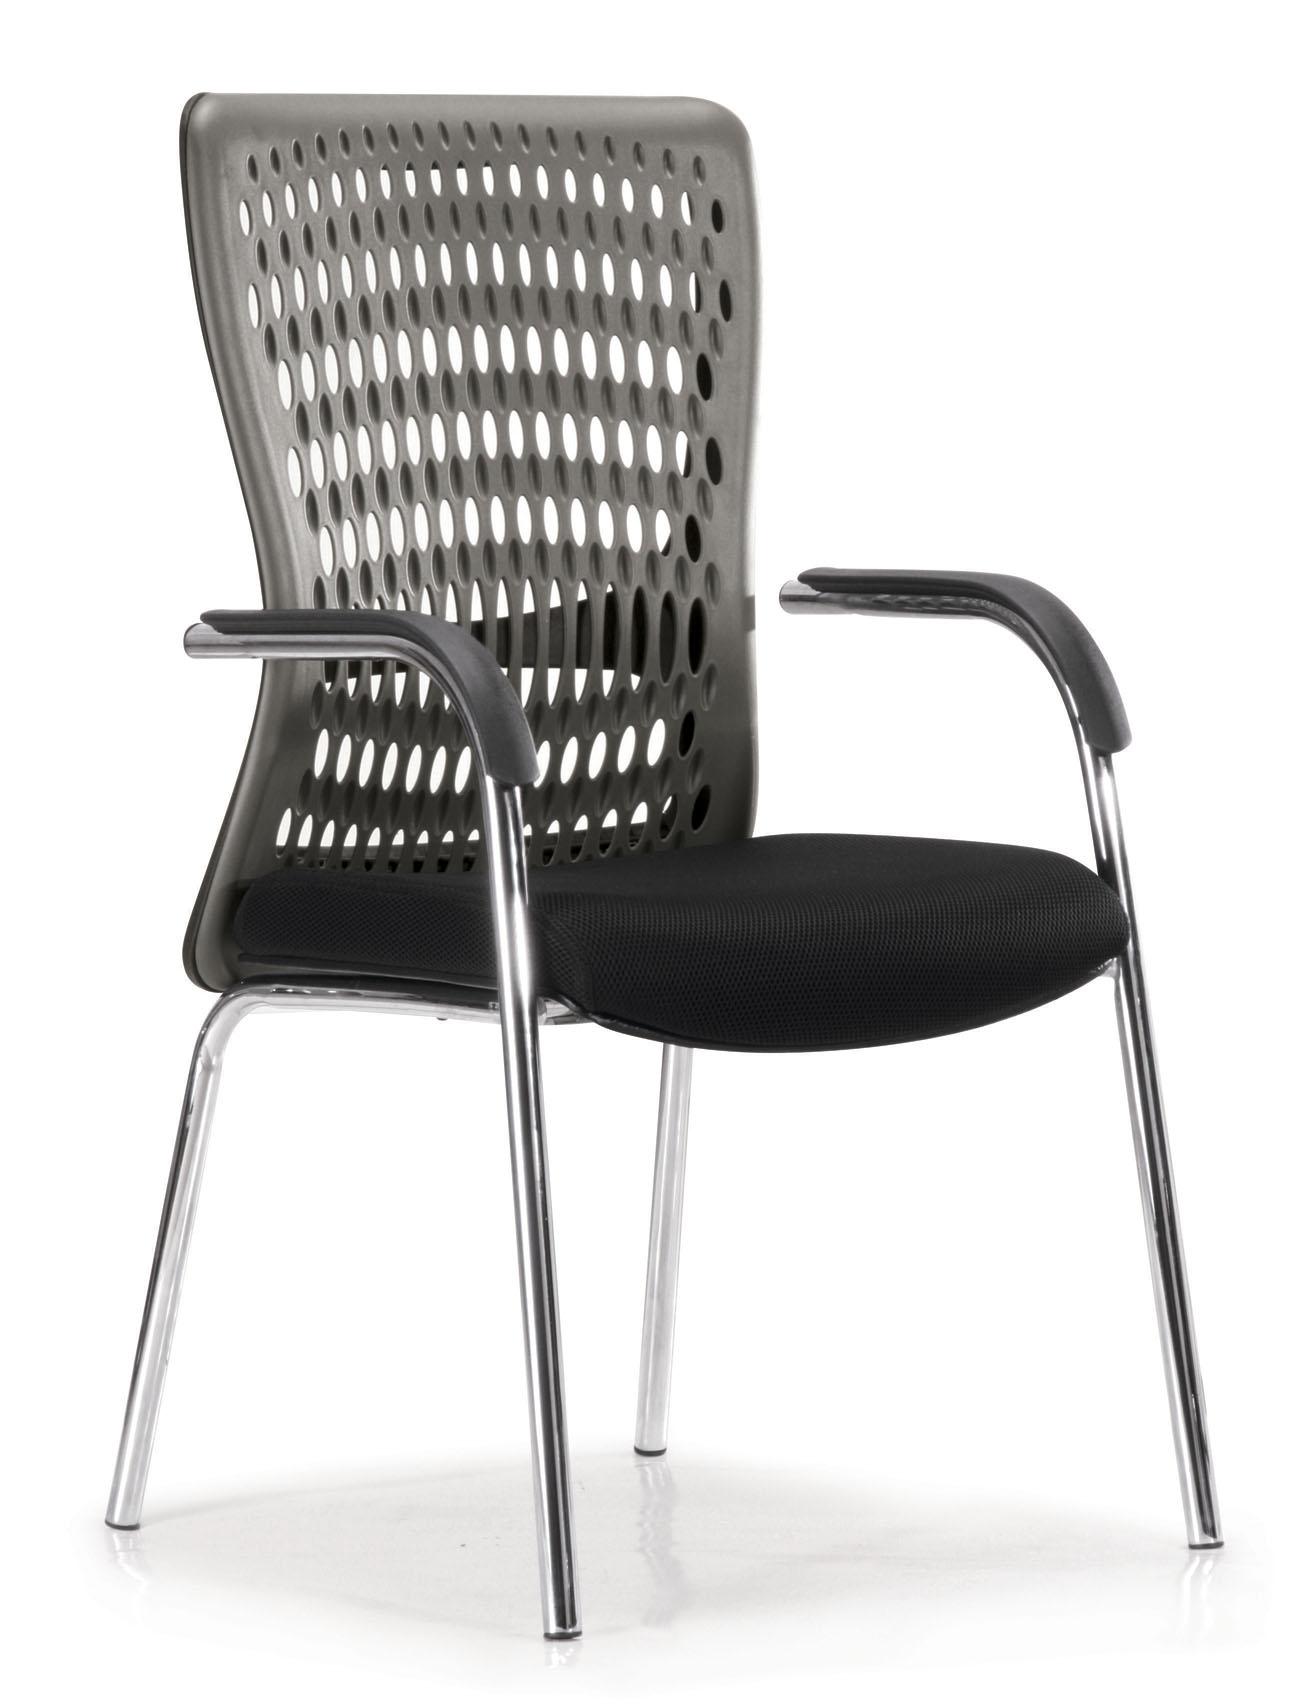 广东家具办公椅子现代简约网布电脑椅家用座椅透气职员会议室椅子直销